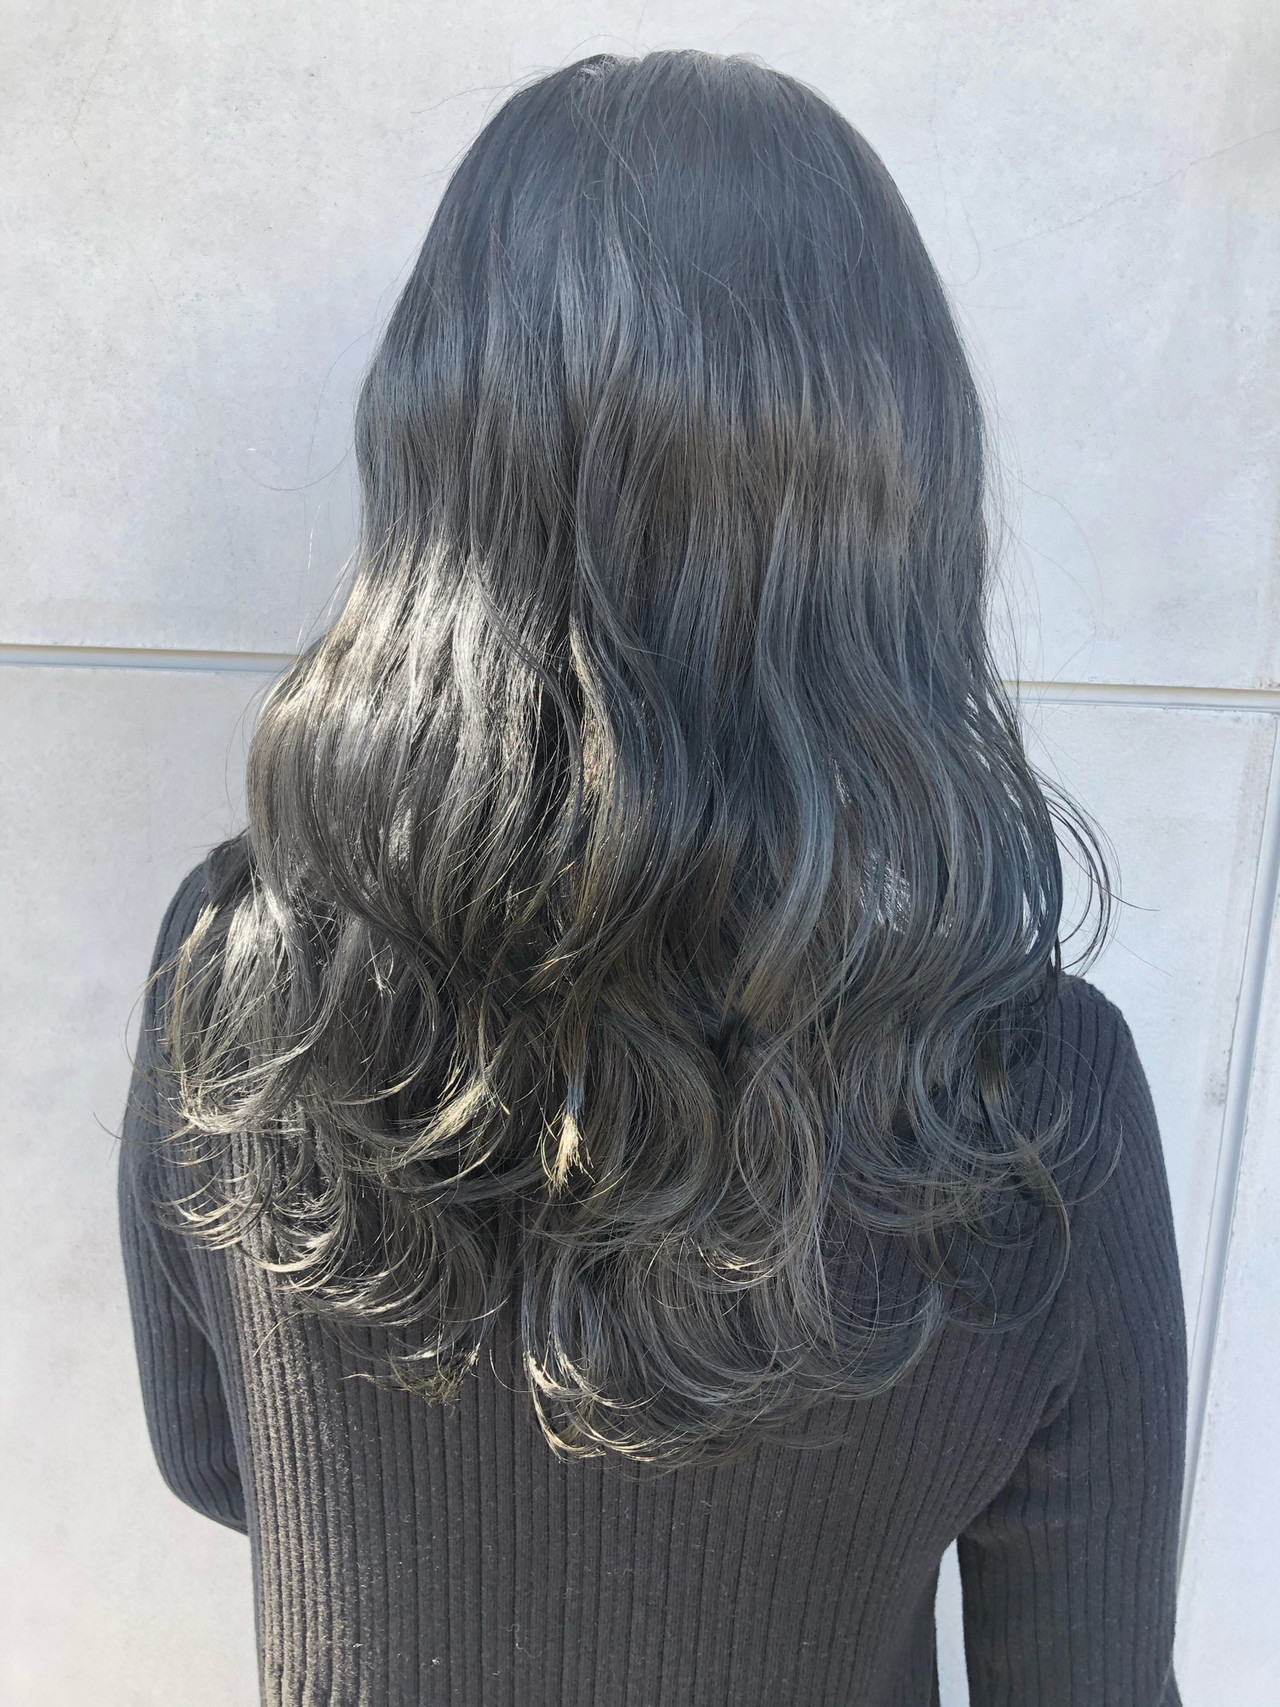 グレージュ アッシュグレージュ ダークグレー セミロング ヘアスタイルや髪型の写真・画像